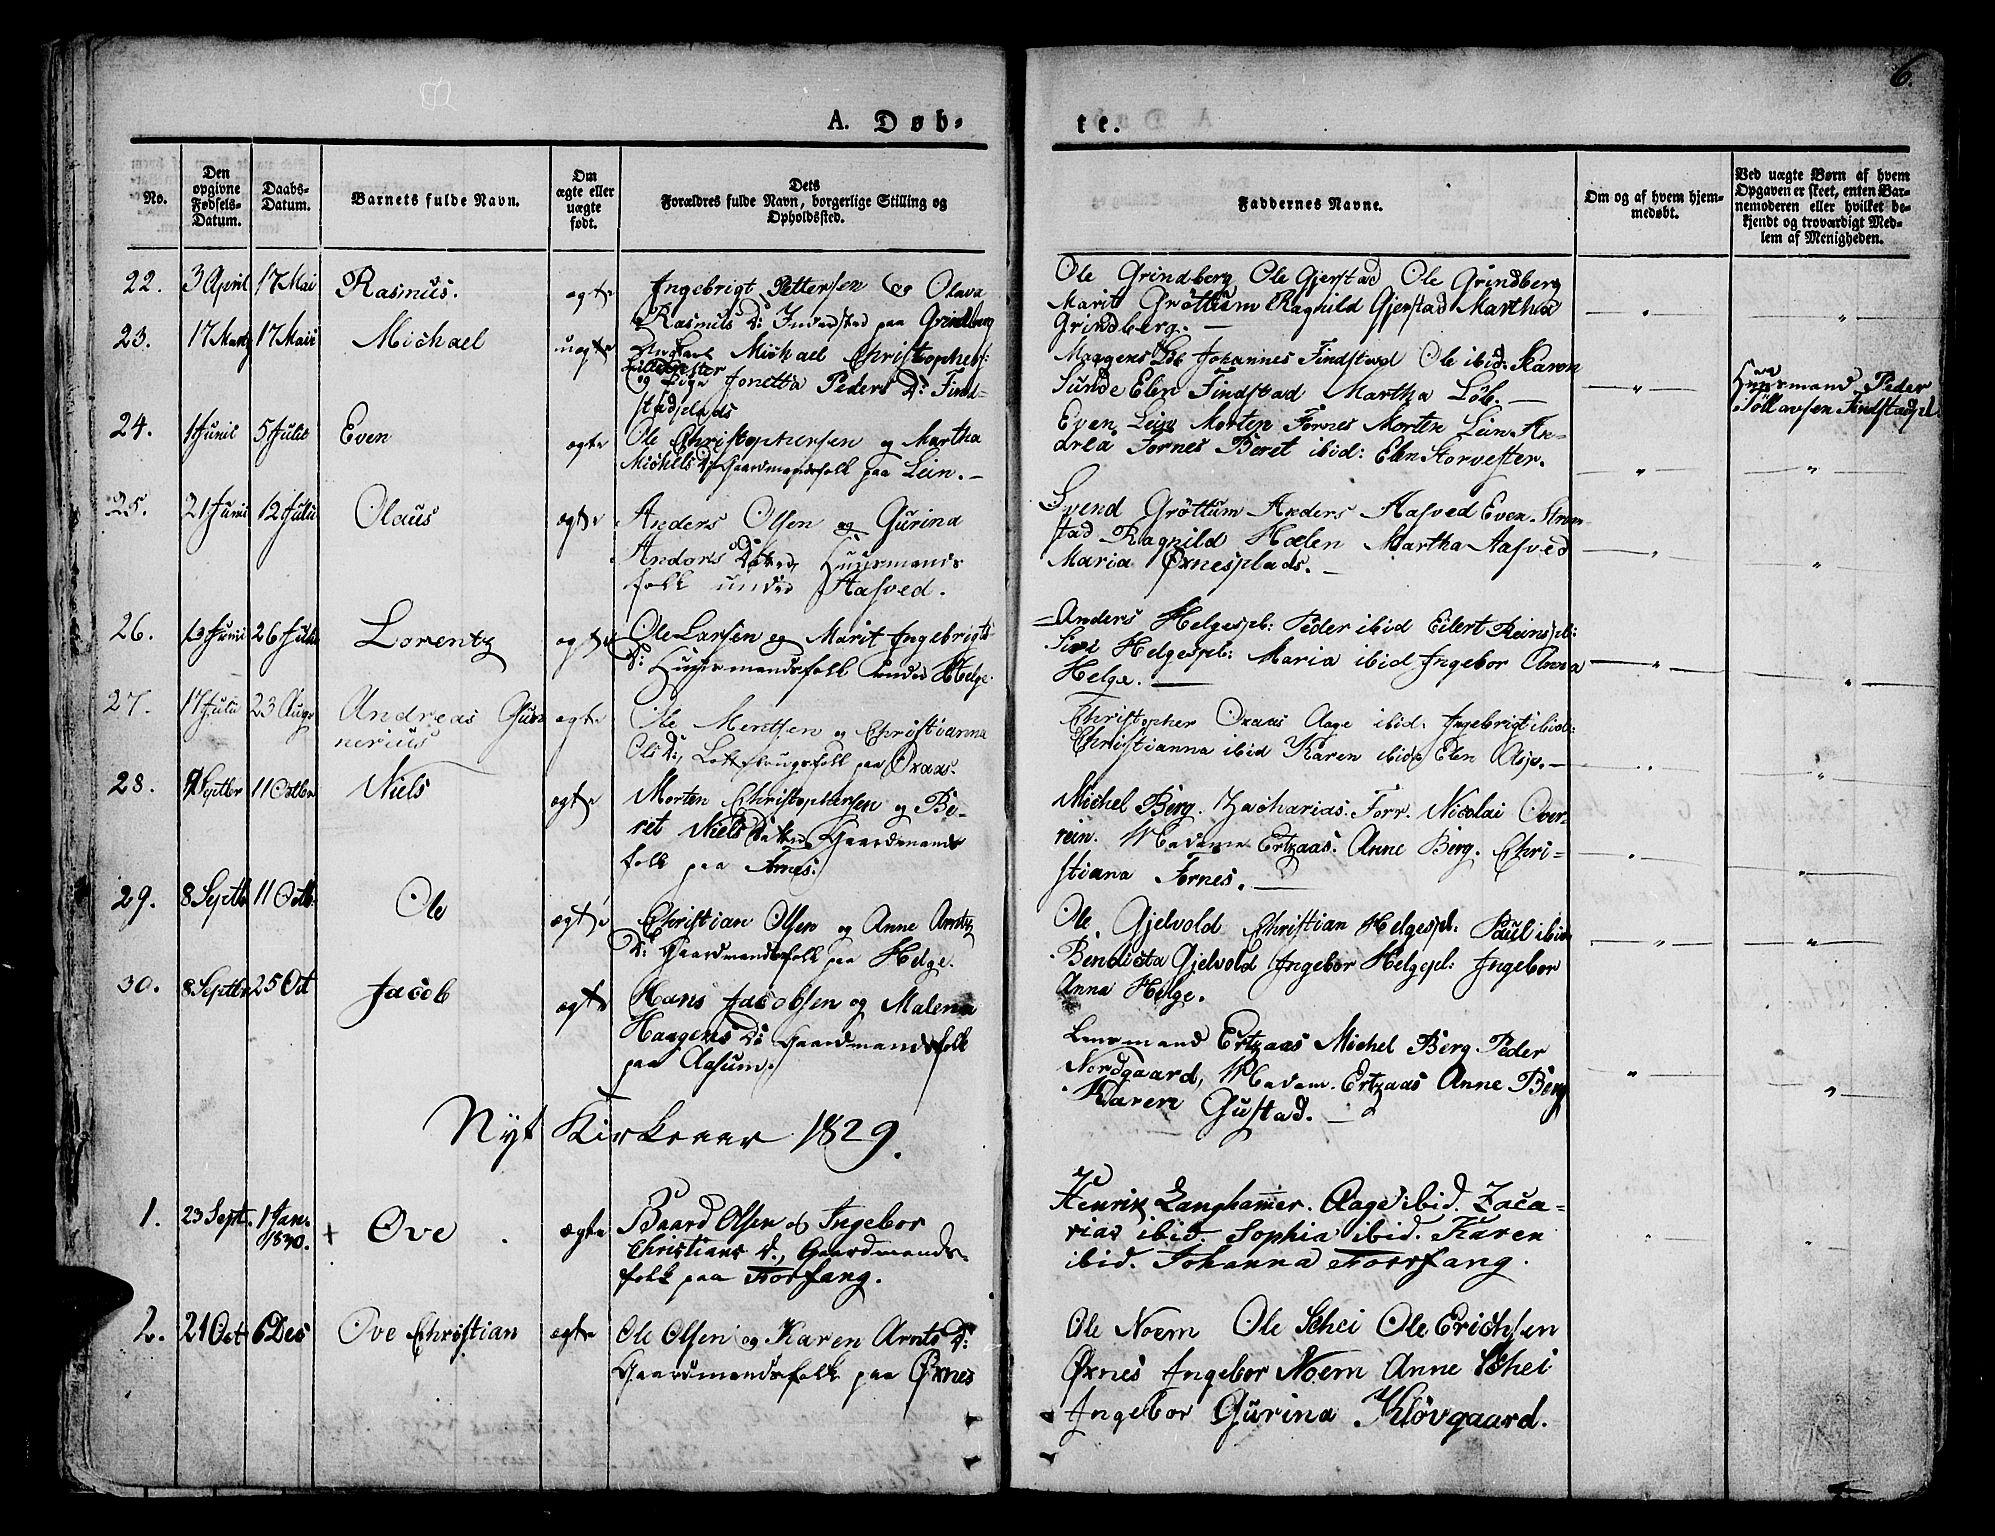 SAT, Ministerialprotokoller, klokkerbøker og fødselsregistre - Nord-Trøndelag, 746/L0445: Ministerialbok nr. 746A04, 1826-1846, s. 6